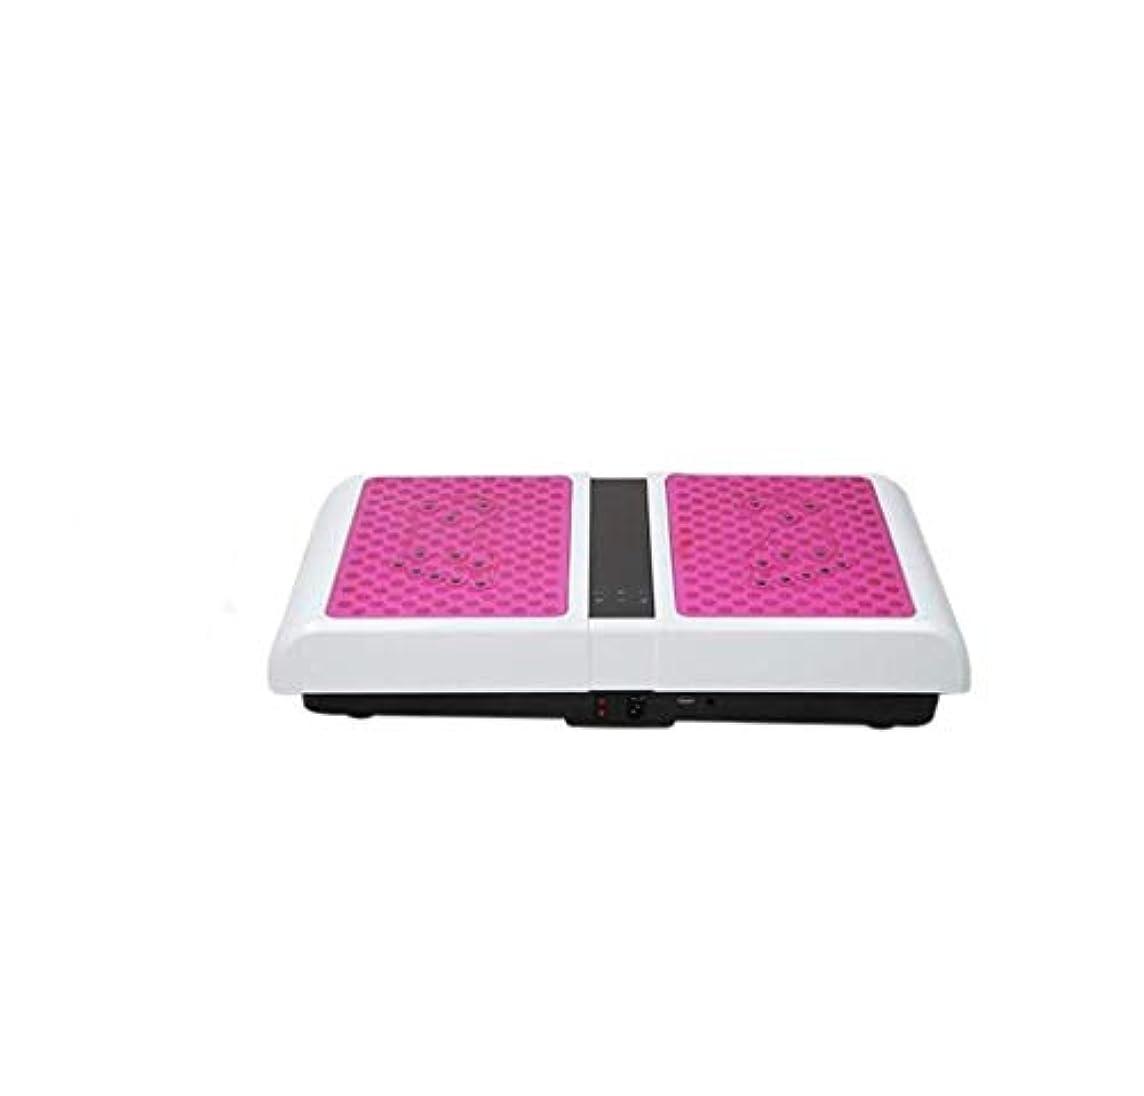 どうしたの叱る公然と減量機、運動衝撃吸収フィットネスモデル減量機ユニセックス振動板、家族/ジムに適しています(最大負荷150KG) (Color : ピンク)